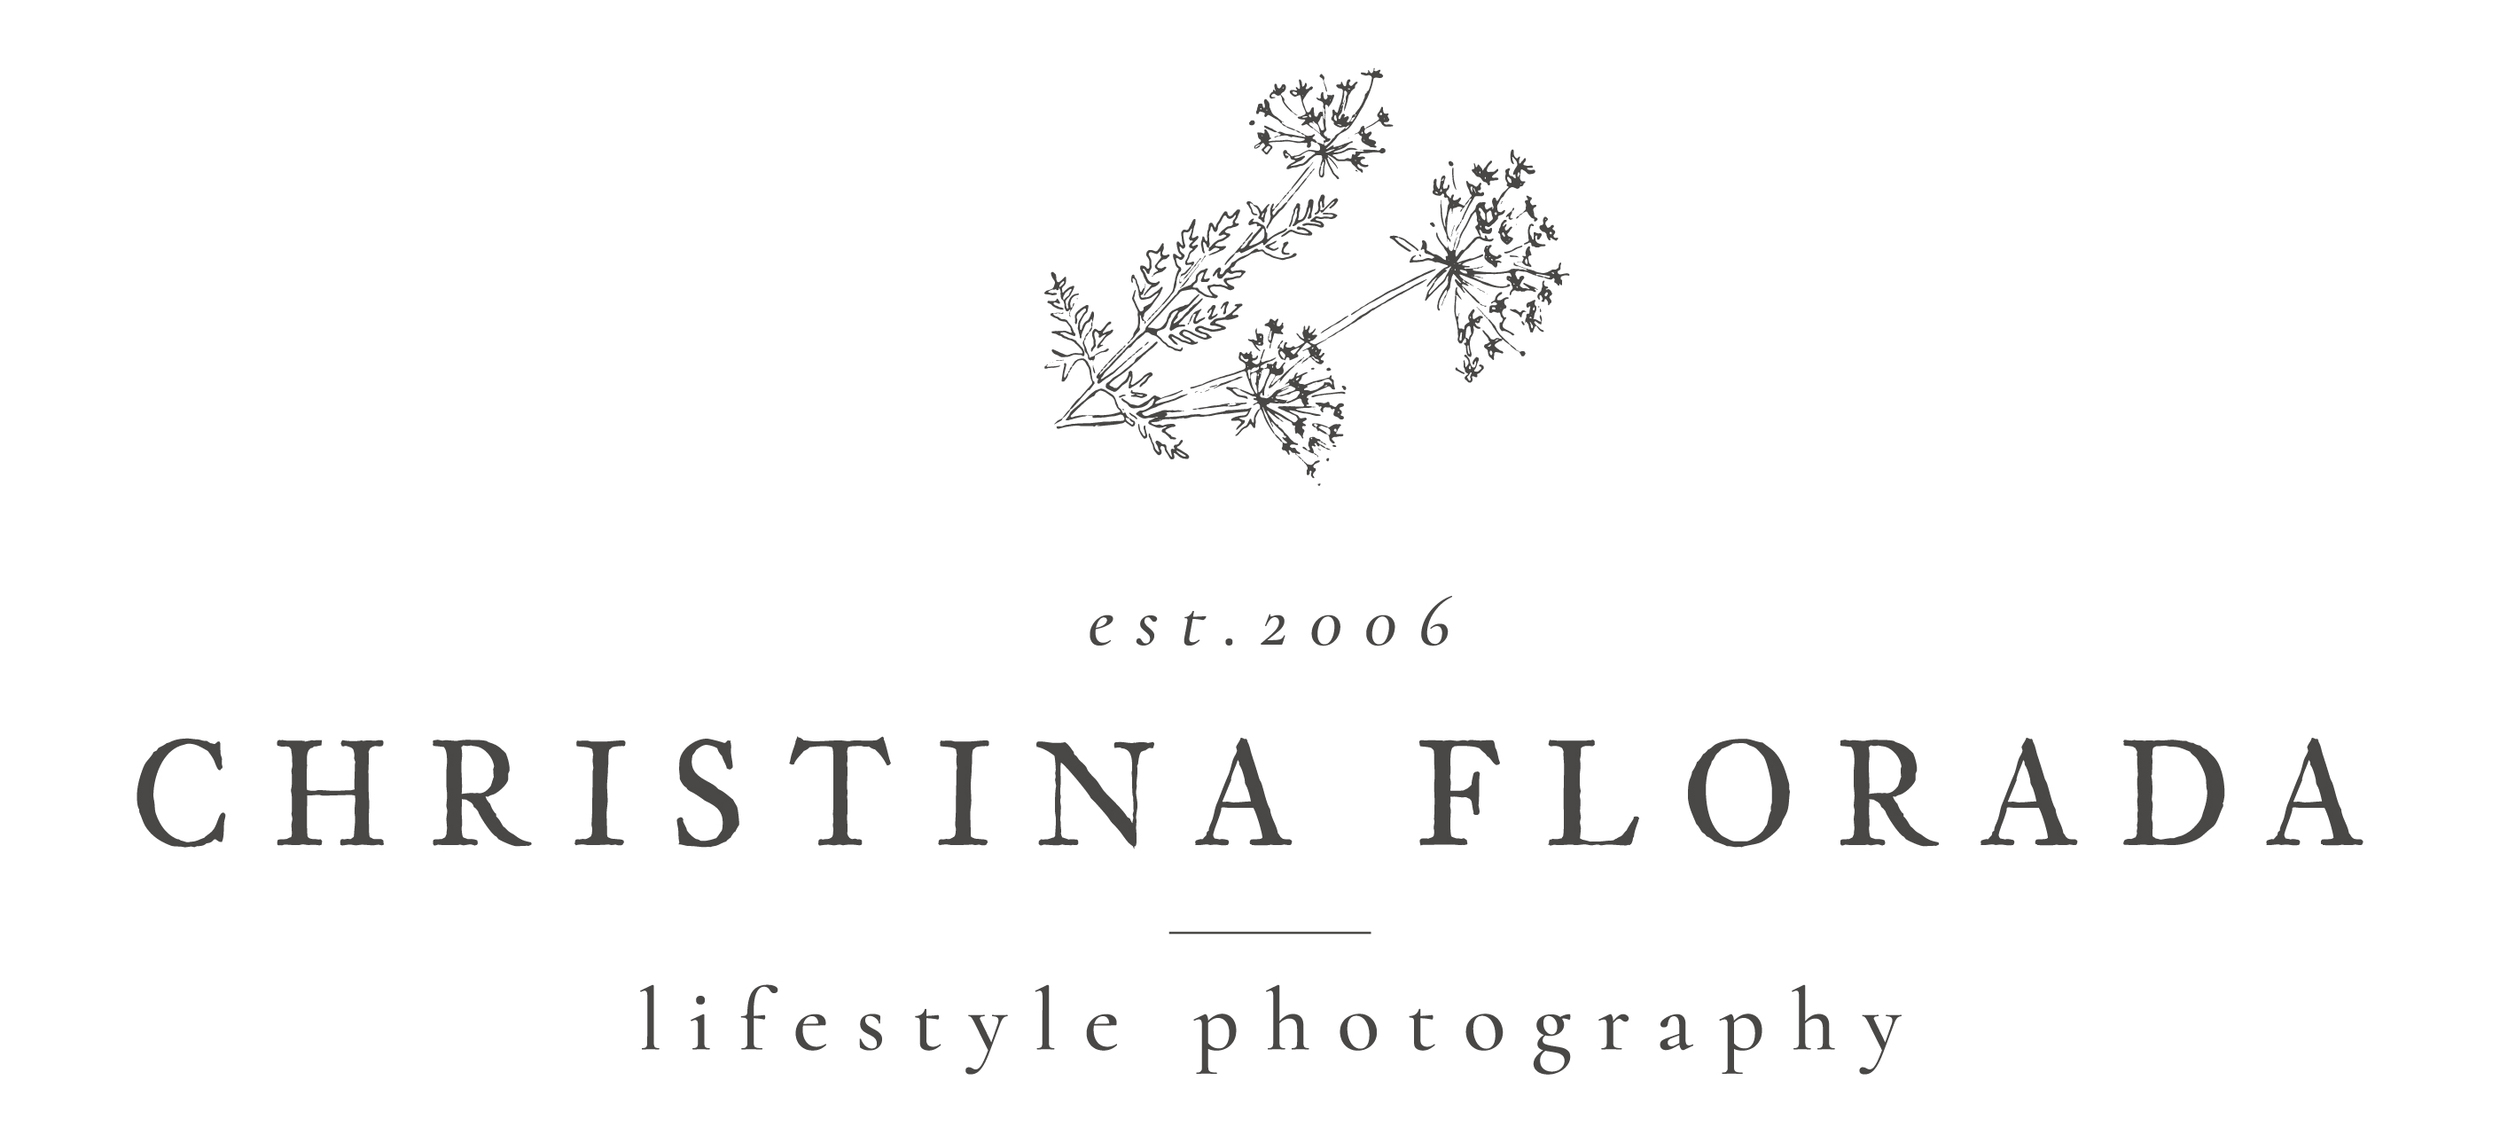 Christina florada main logo grey